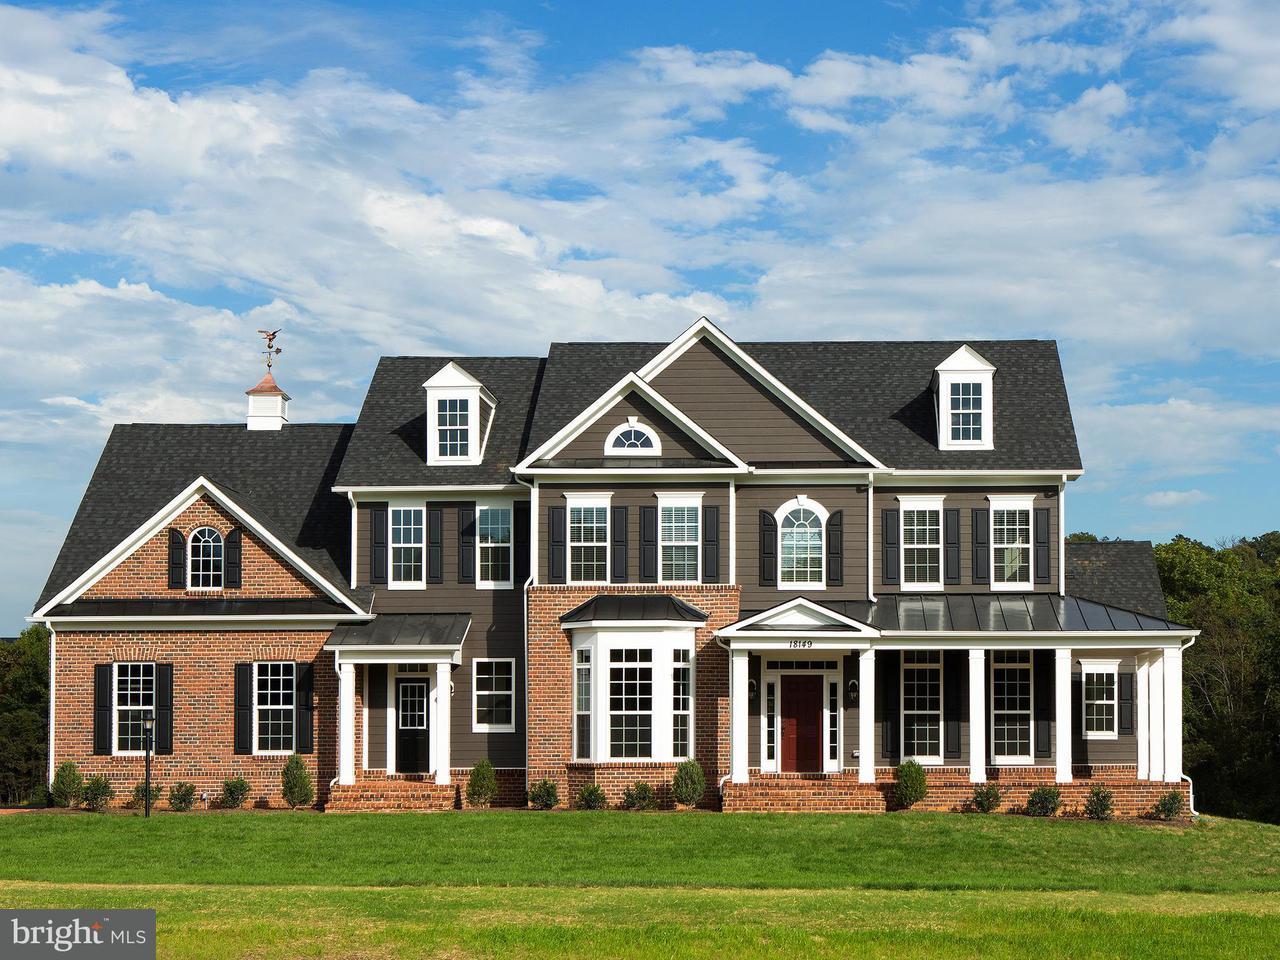 獨棟家庭住宅 為 出售 在 WATERFORD CREST Place WATERFORD CREST Place Waterford, 弗吉尼亞州 20197 美國